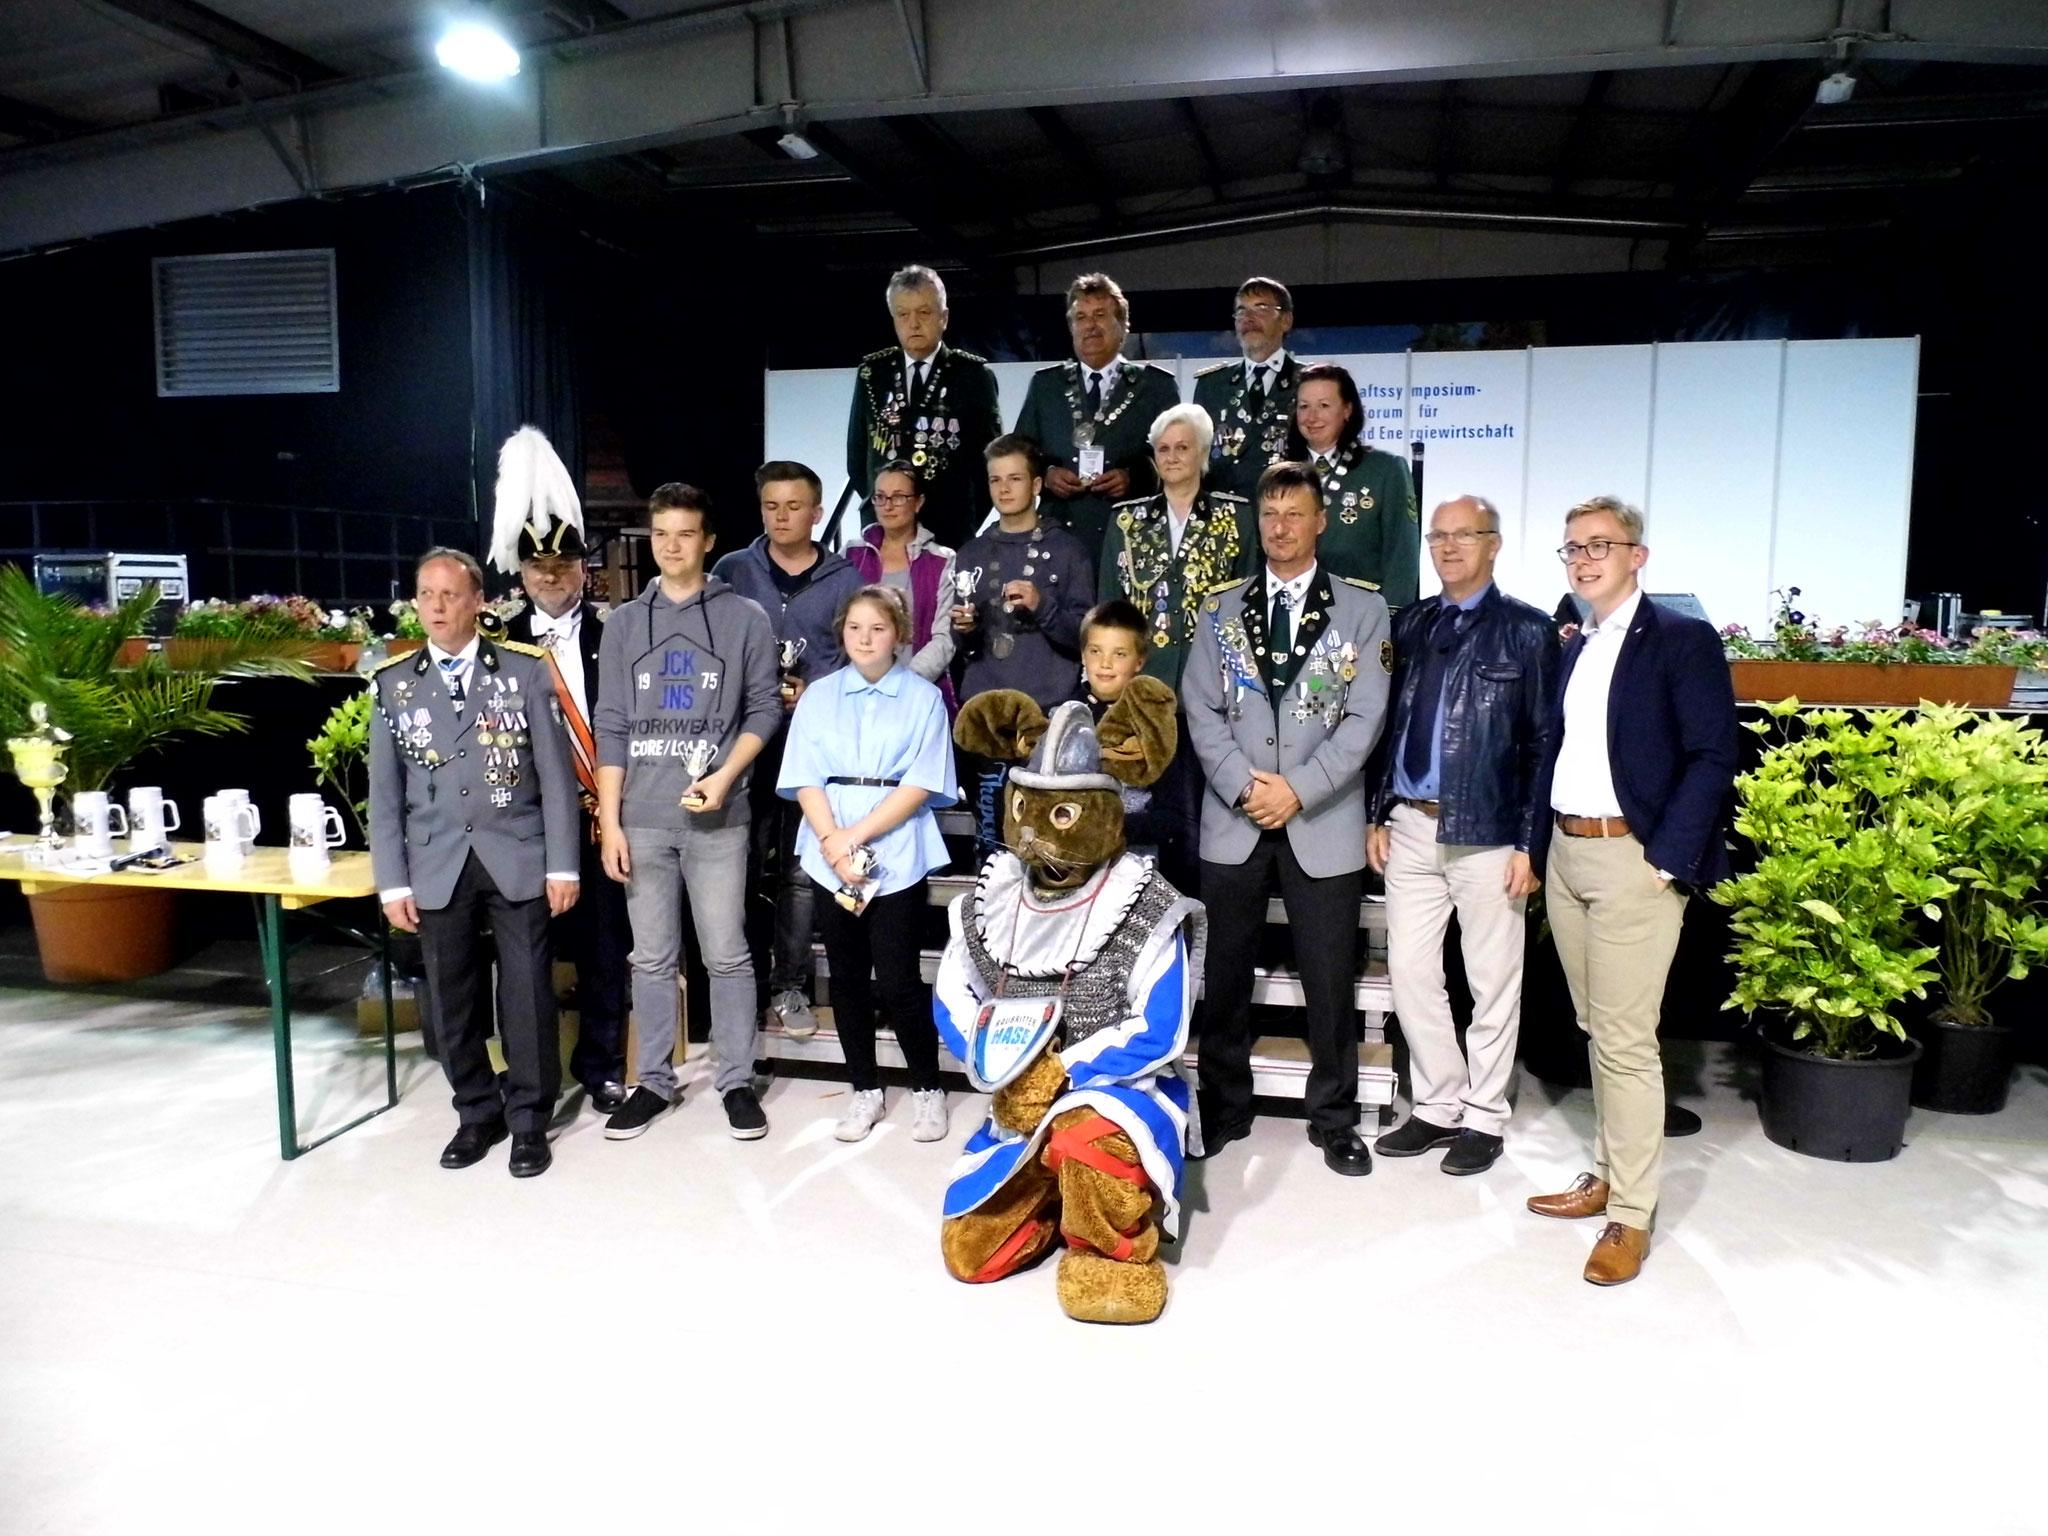 Gruppenfoto der Gewinner des 54. Provinzial-Schützenfestes 2017.